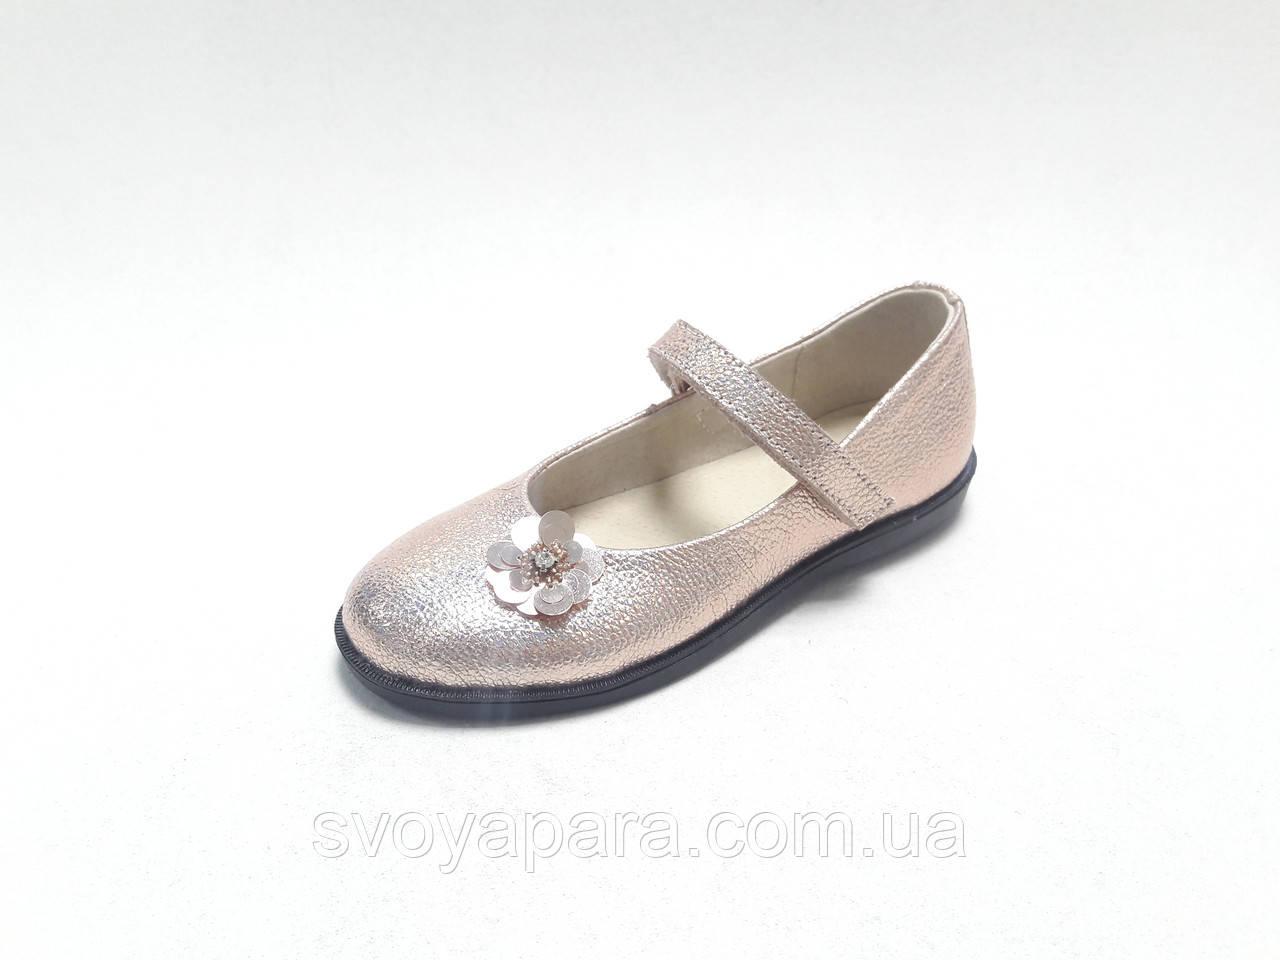 Туфли детские для девочки бежевого цвета из натуральной кожи с кожаной подкладкой